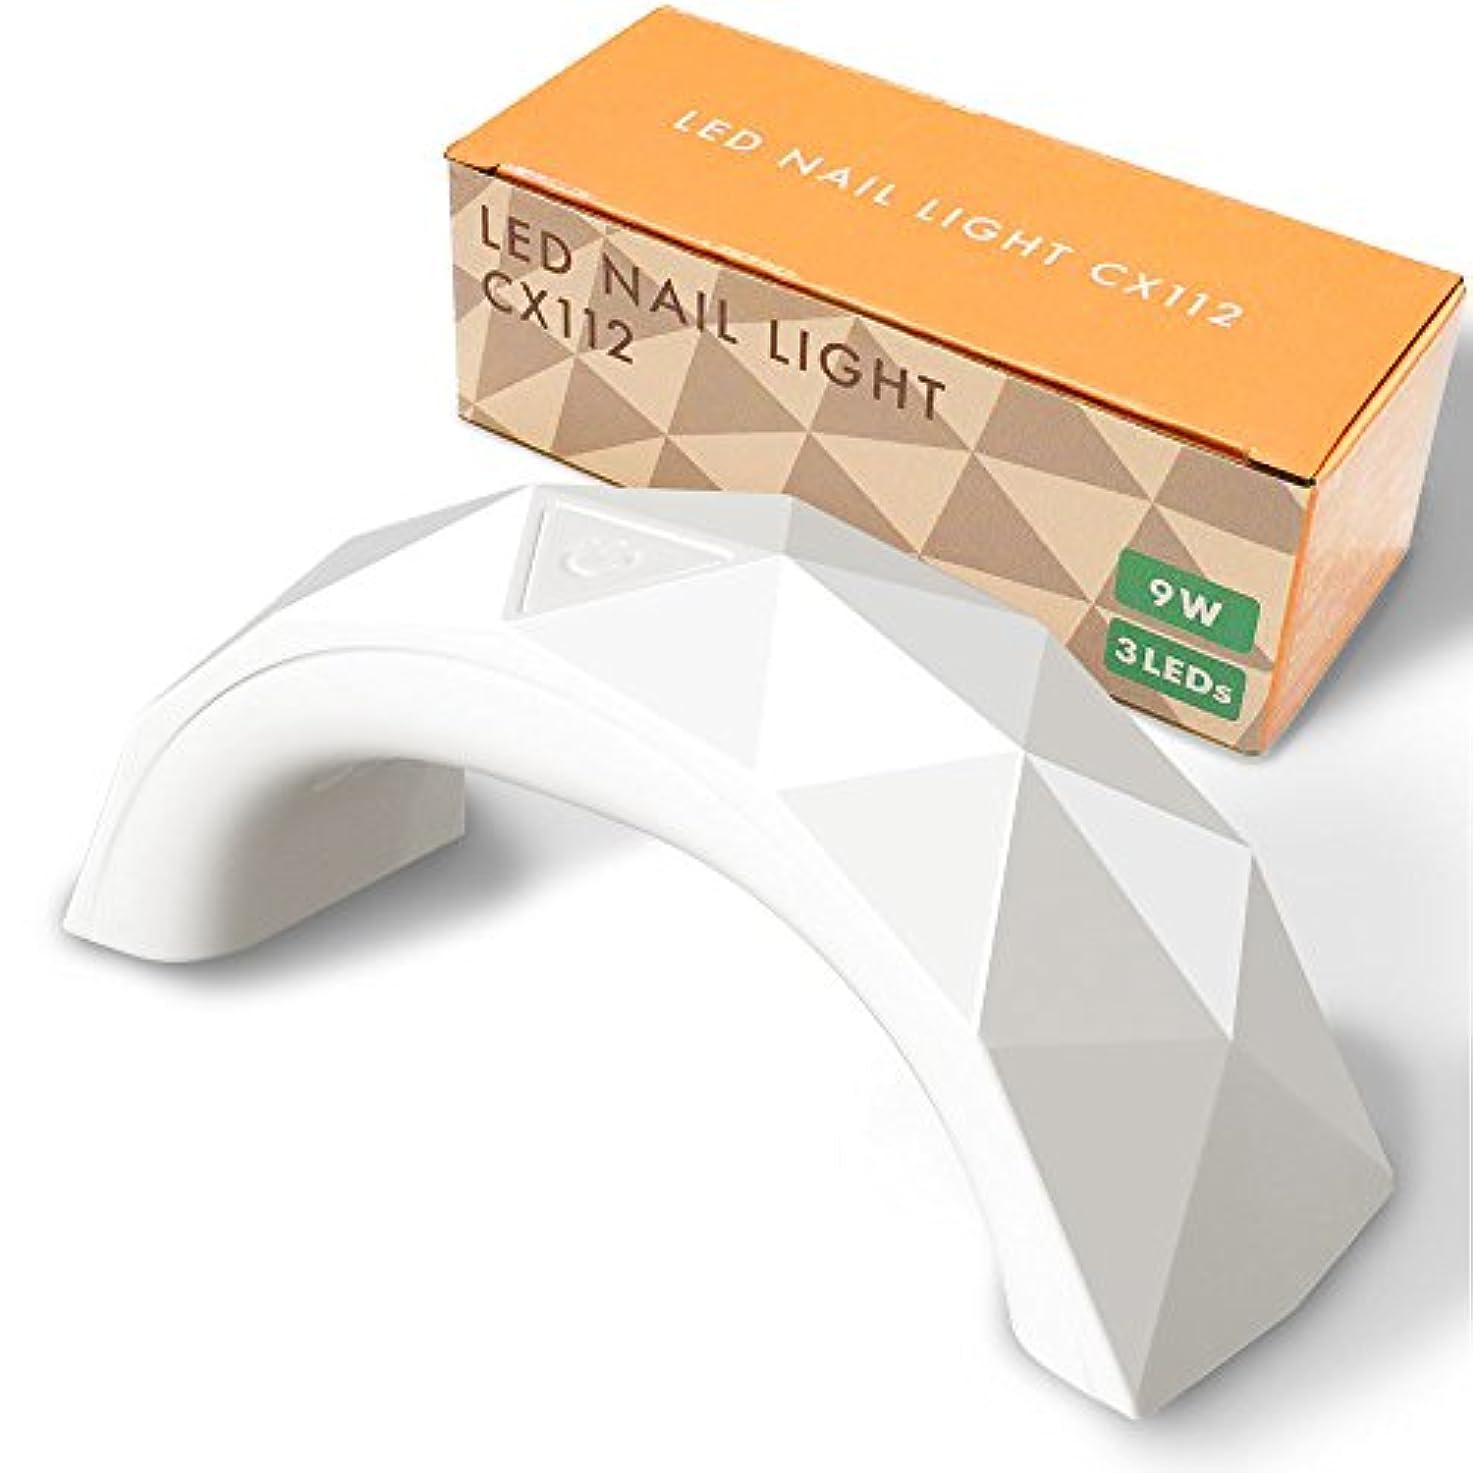 兄力器官【Centrex】【CX112】ジェルネイル LEDライト 9W 硬化用ライト タイマー付き ハイパワーチップ式LED球 USB式 (ホワイト)